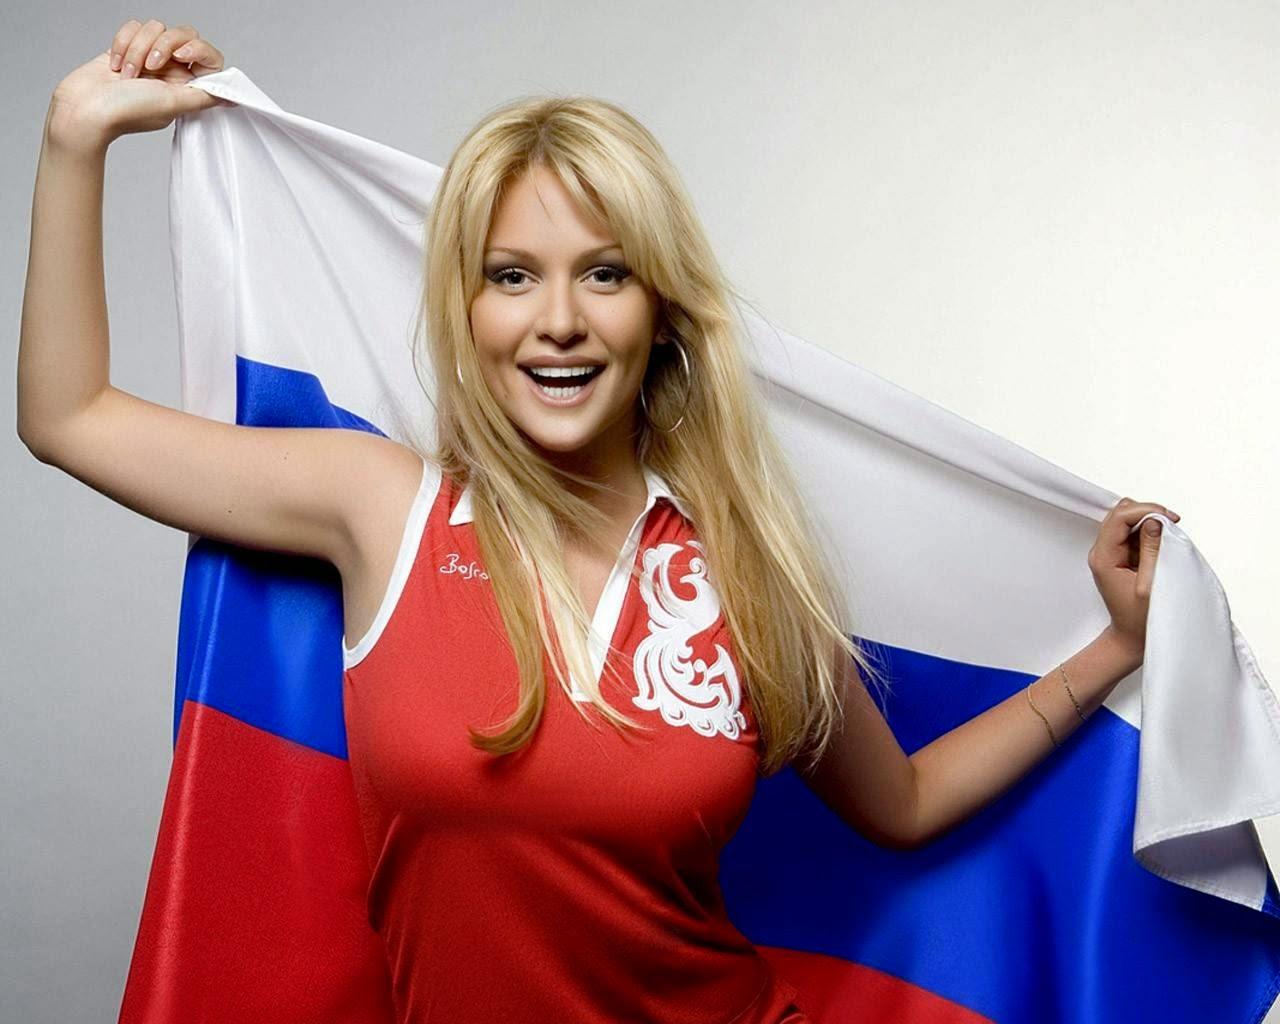 صورة بنات روسيا , اجمل بنات الكون بنات روسيا